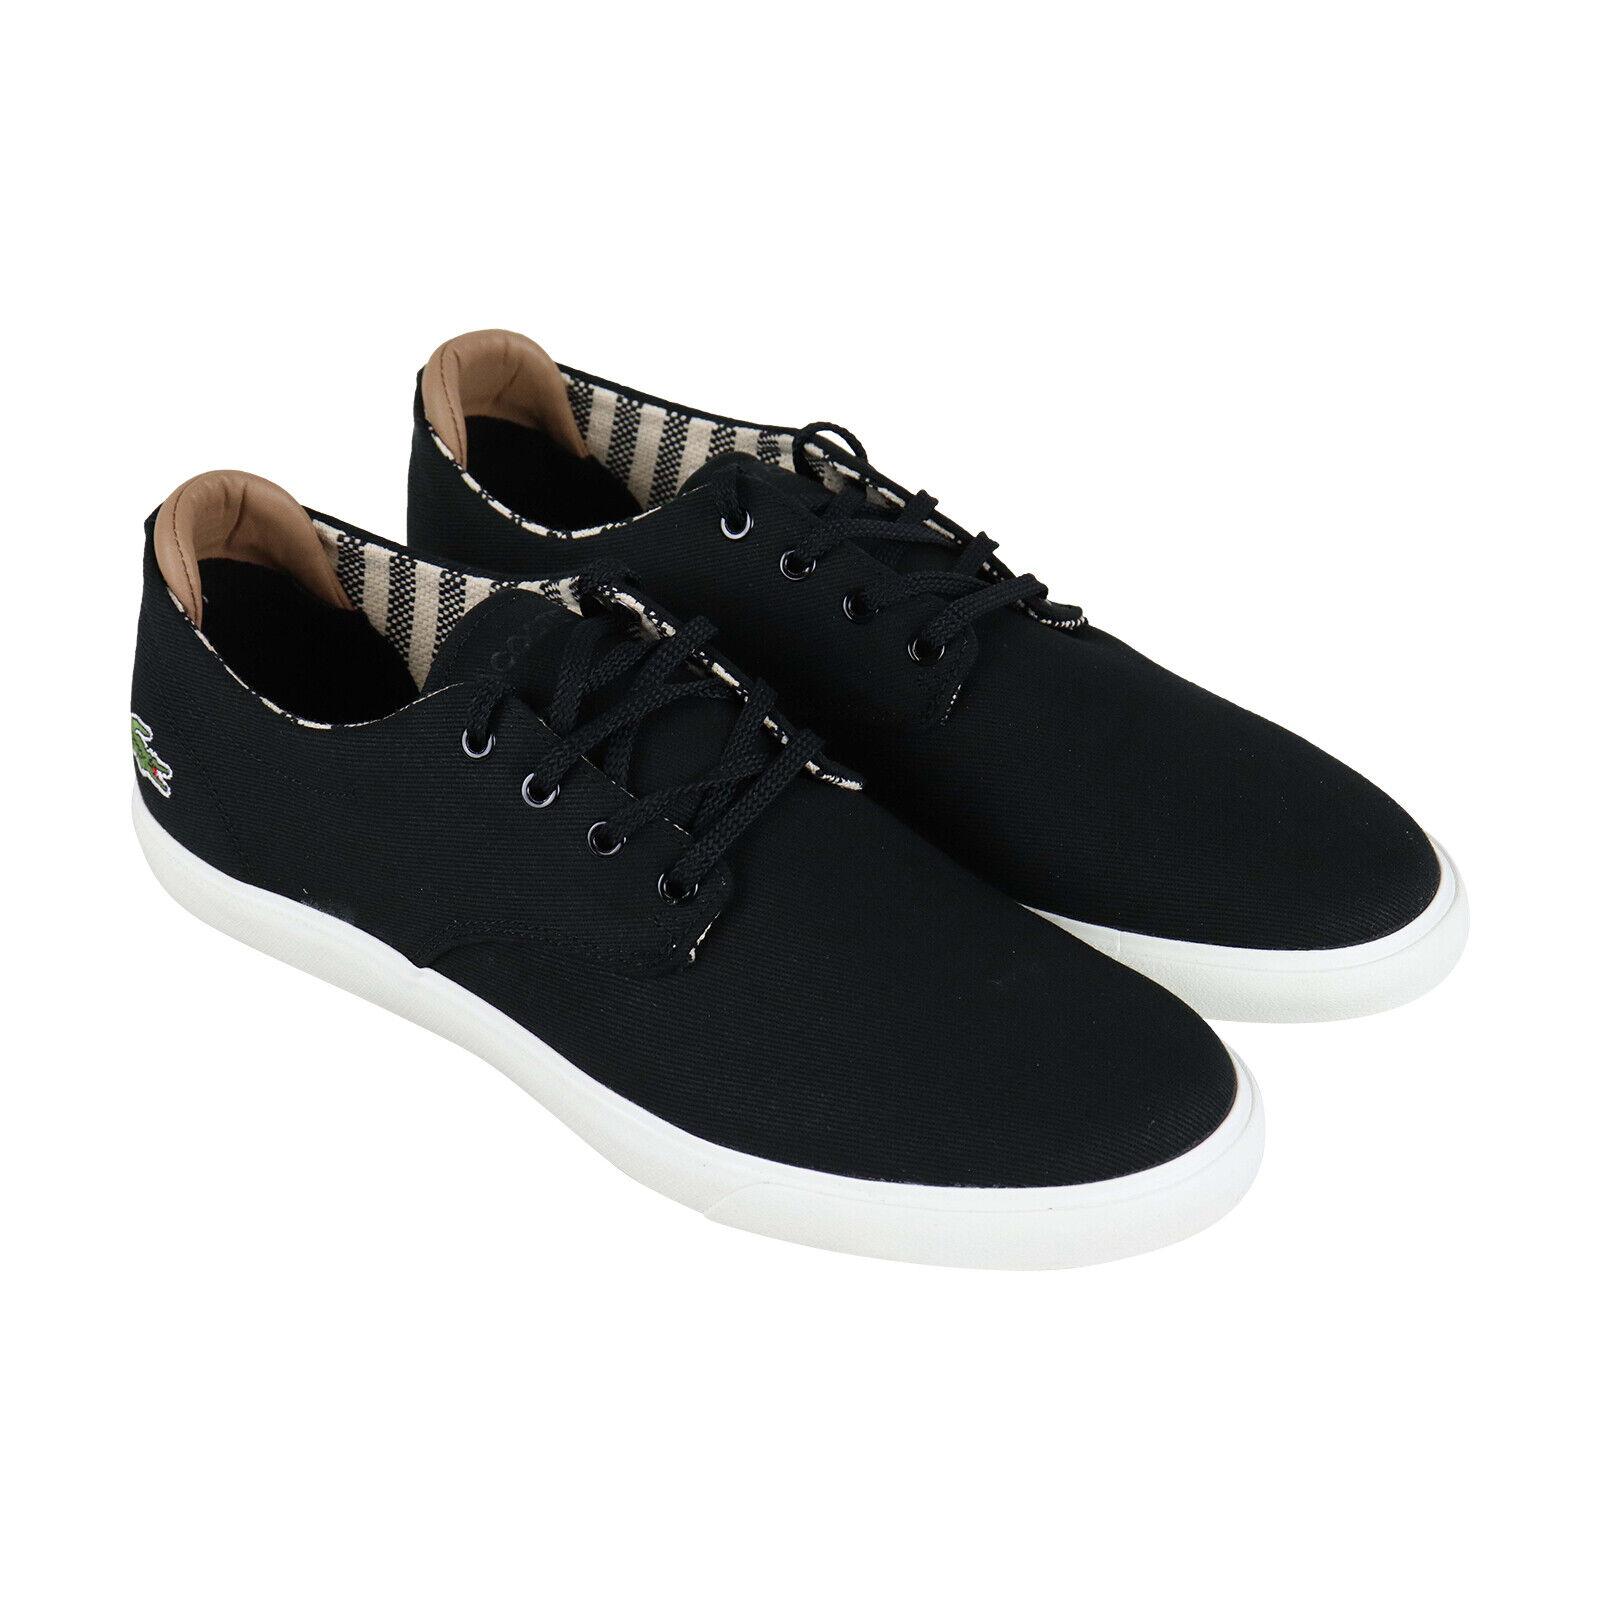 Lacoste Esparre 219 1 CMA para hombre Negro Lona Bajo Top Zapatos Deportivos Zapatos Con Cordones